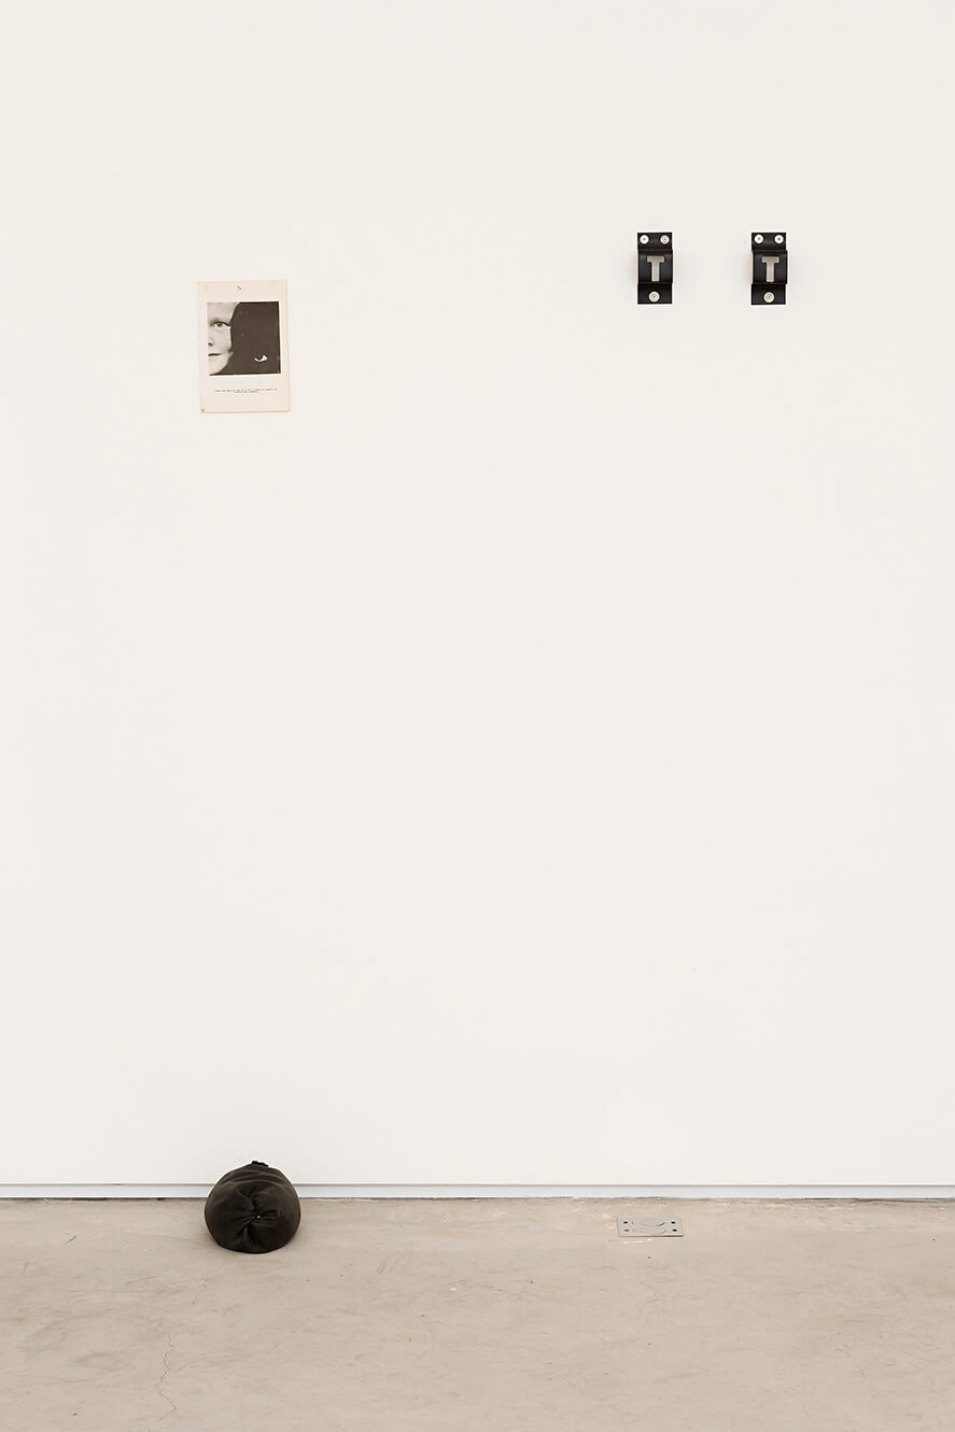 Deyson Gilbert,<em>Esta obra é composta de cinco objetos</em>, 2014,paper, rubber, metal and white wall, 171 ×104 × 27 cm - Mendes Wood DM